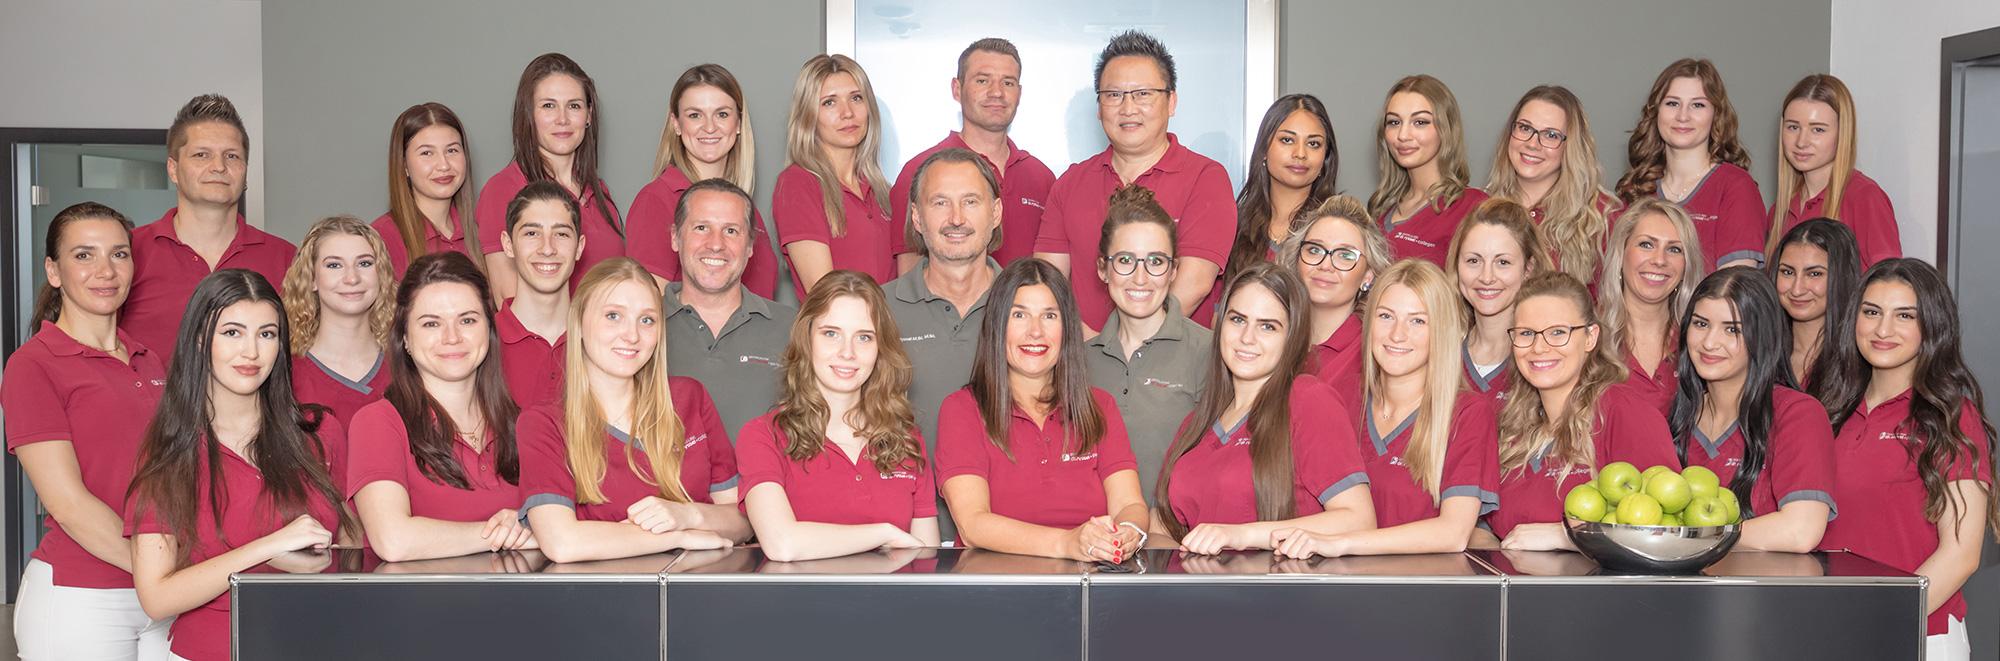 Ein Gruppenfoto vom gesamten Zahnärzte und Praxisteam der Dentalclinic Dr. Ryssel in Crailsheim